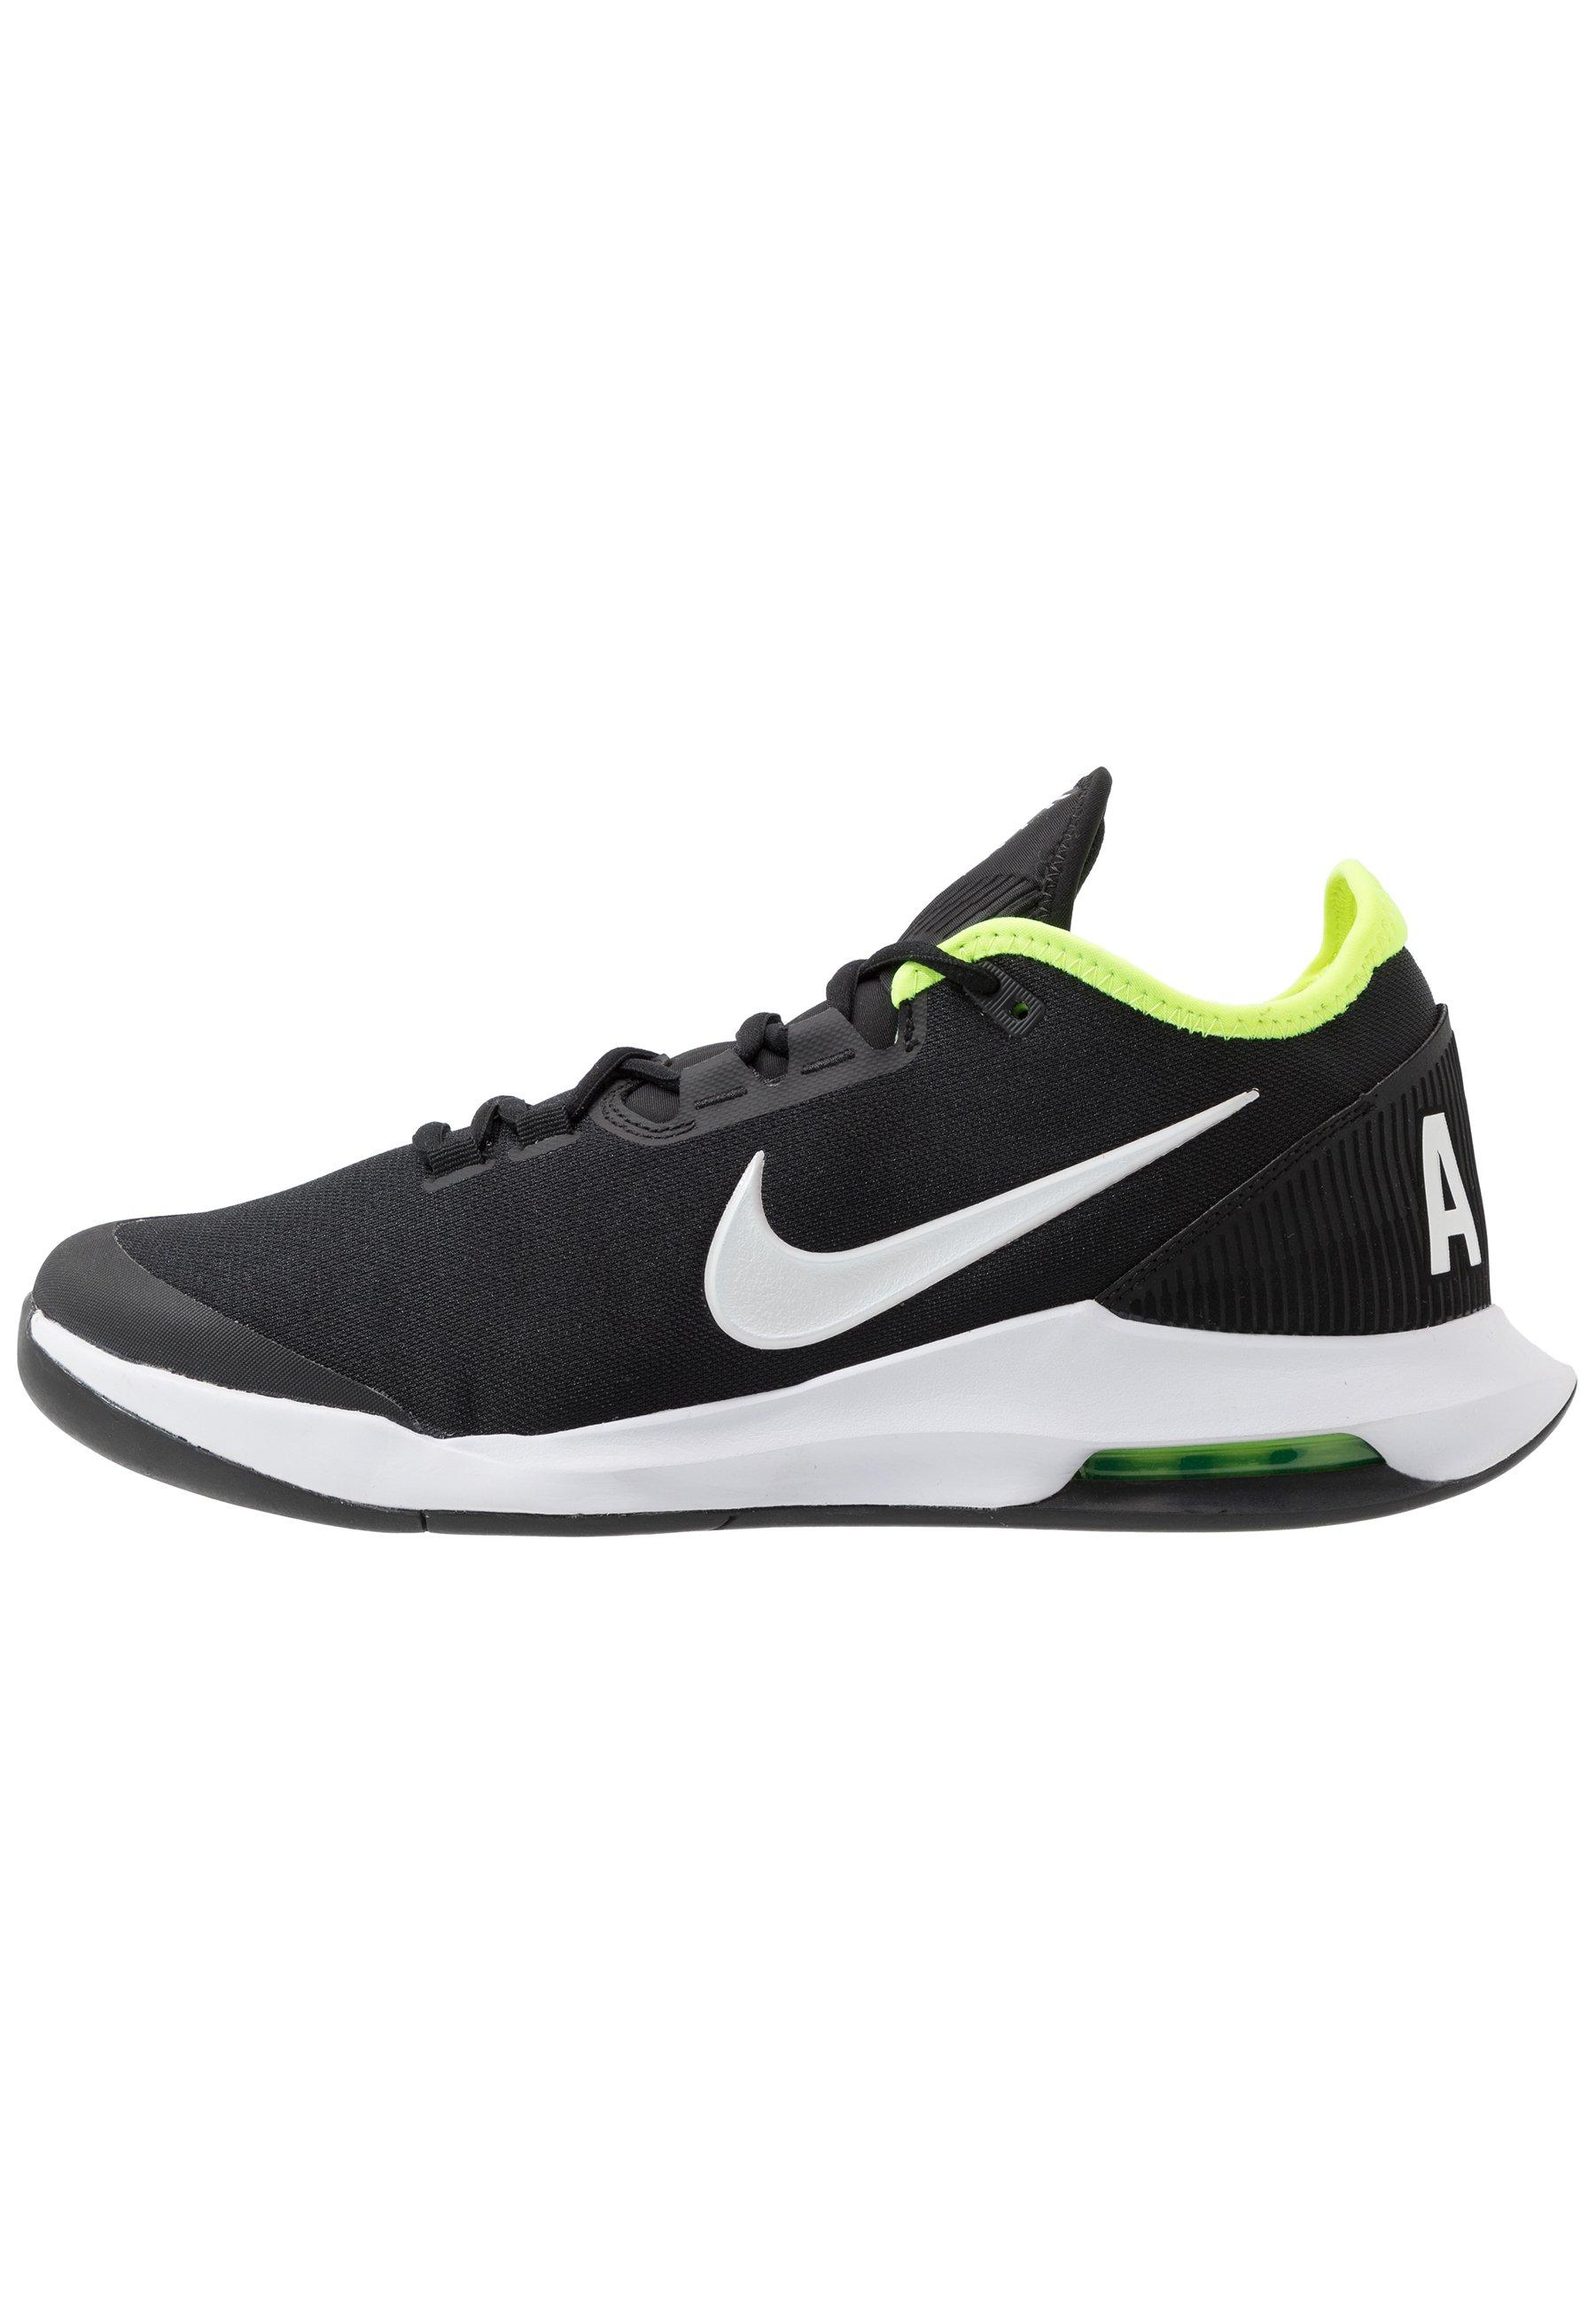 AIR MAX WILDCARD Chaussures de tennis toutes surfaces blackwhitevolt